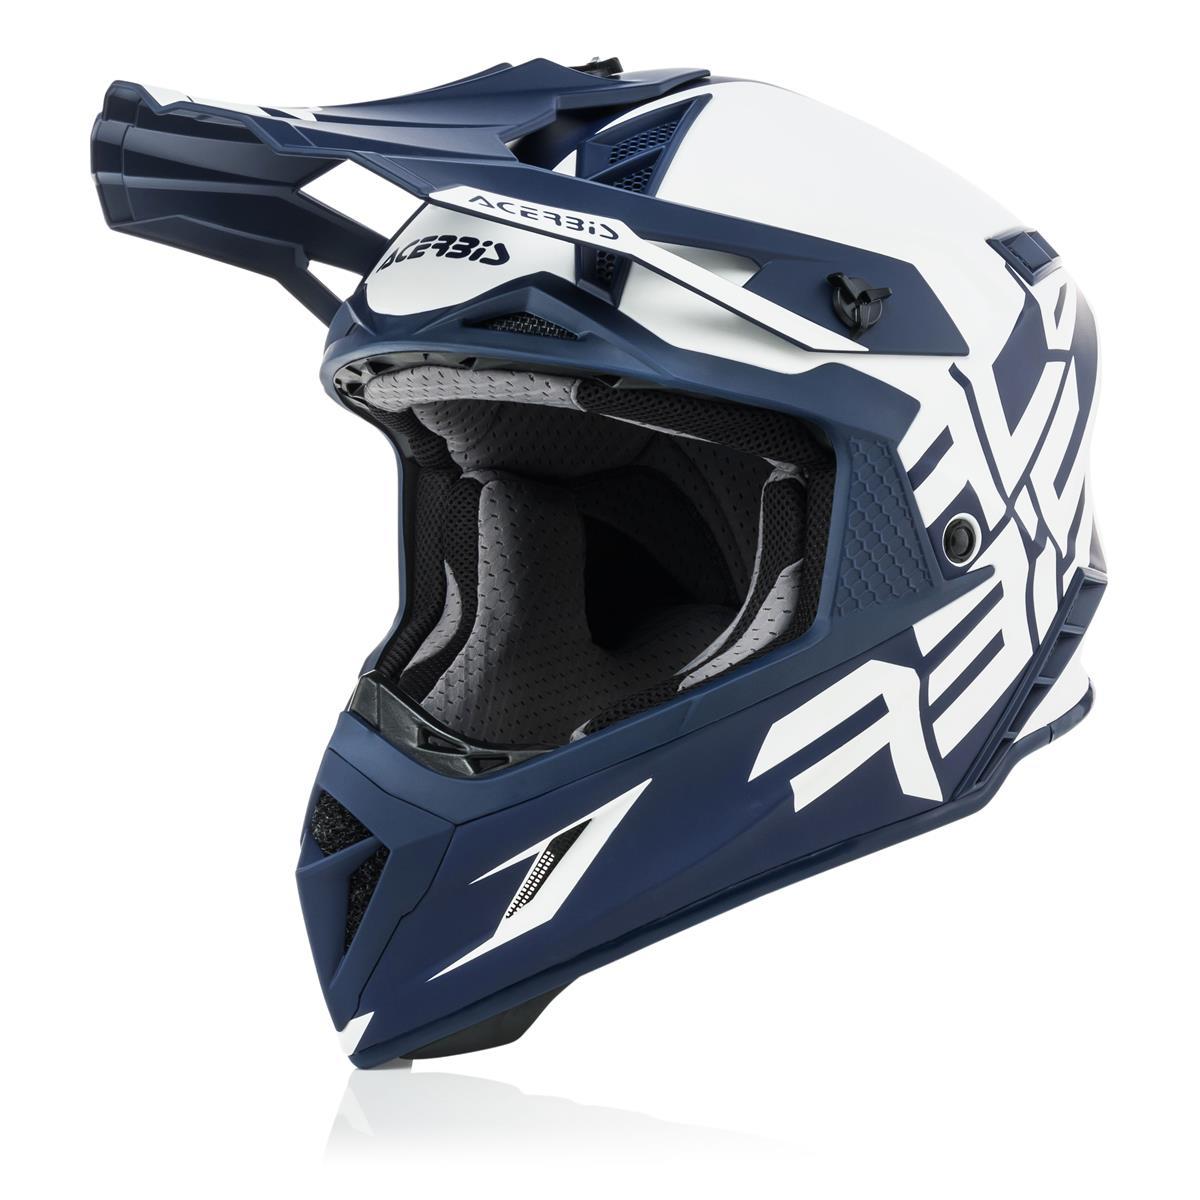 Acerbis Helm X-Pro VTR Weiß/Blau